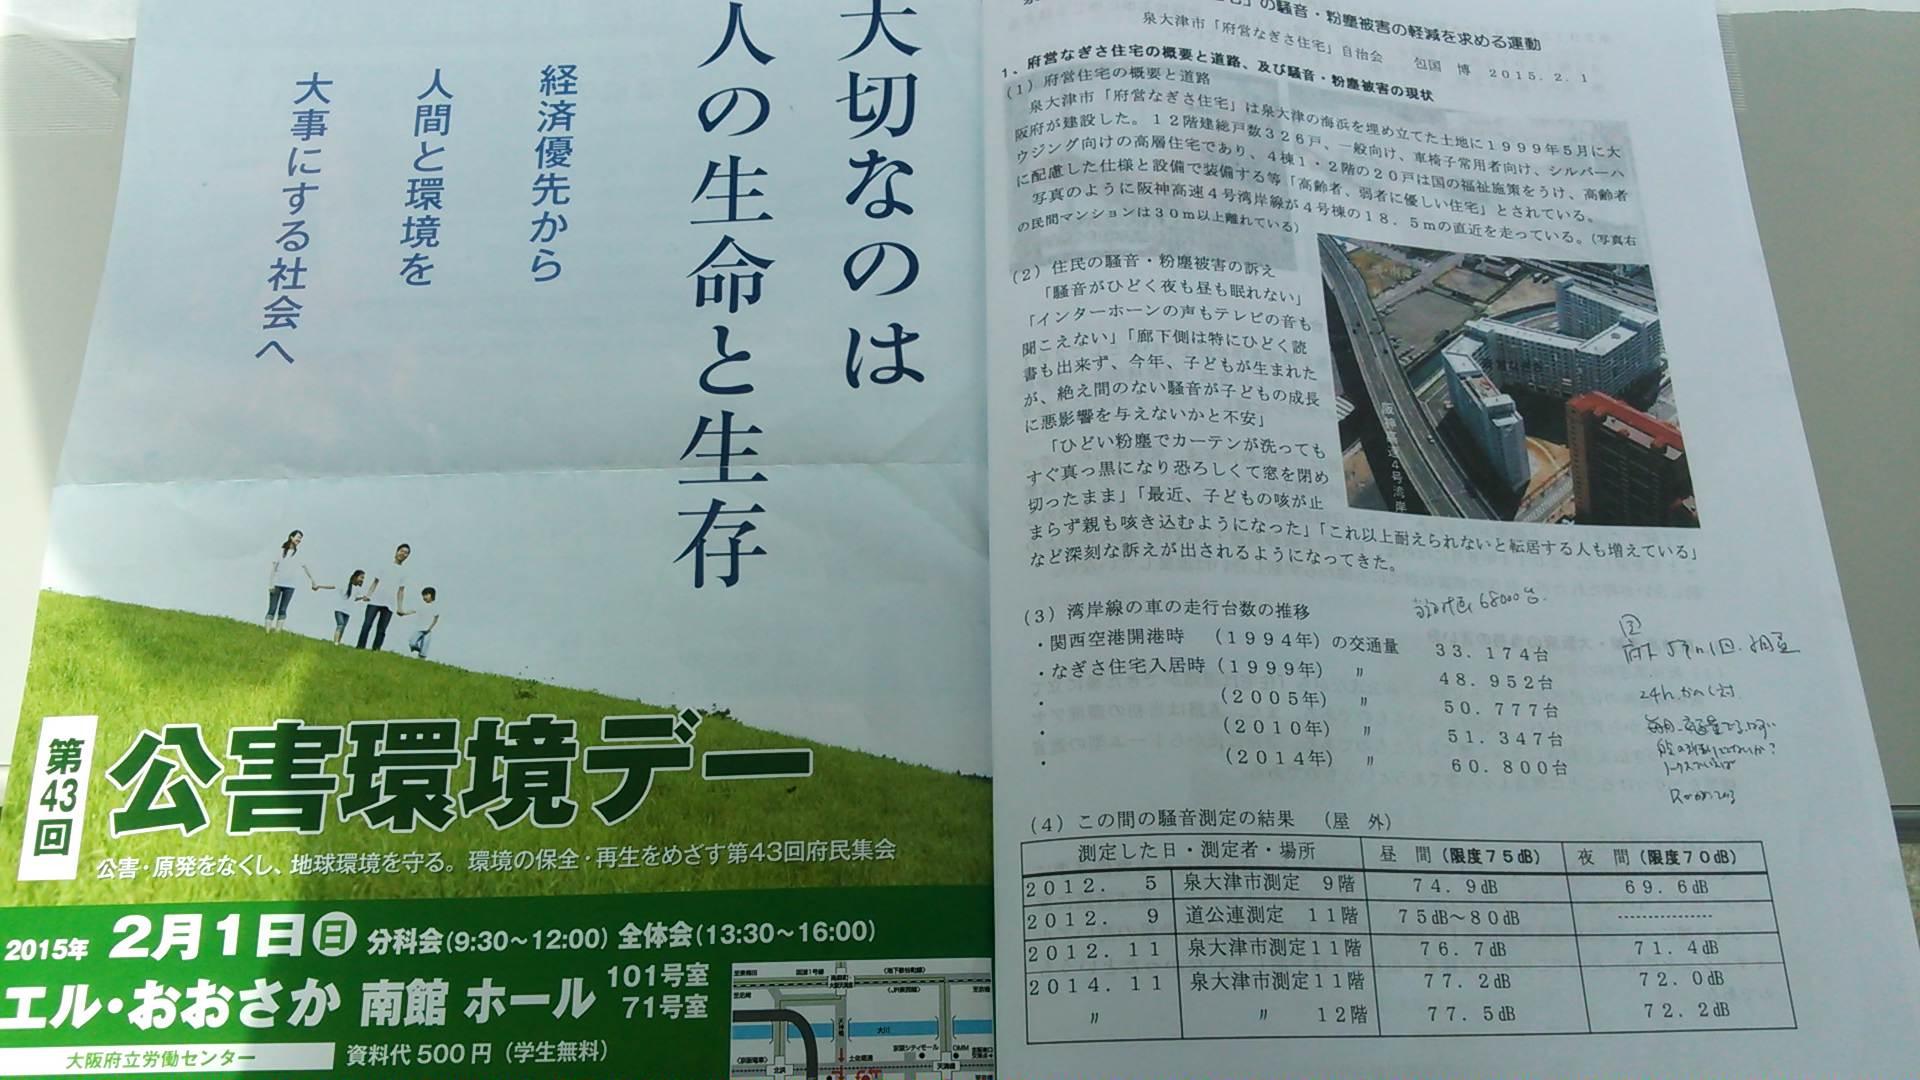 公害環境デーで、なぎさ府営住宅の騒音粉塵被害の軽減を求める取り組みの報告をしました。